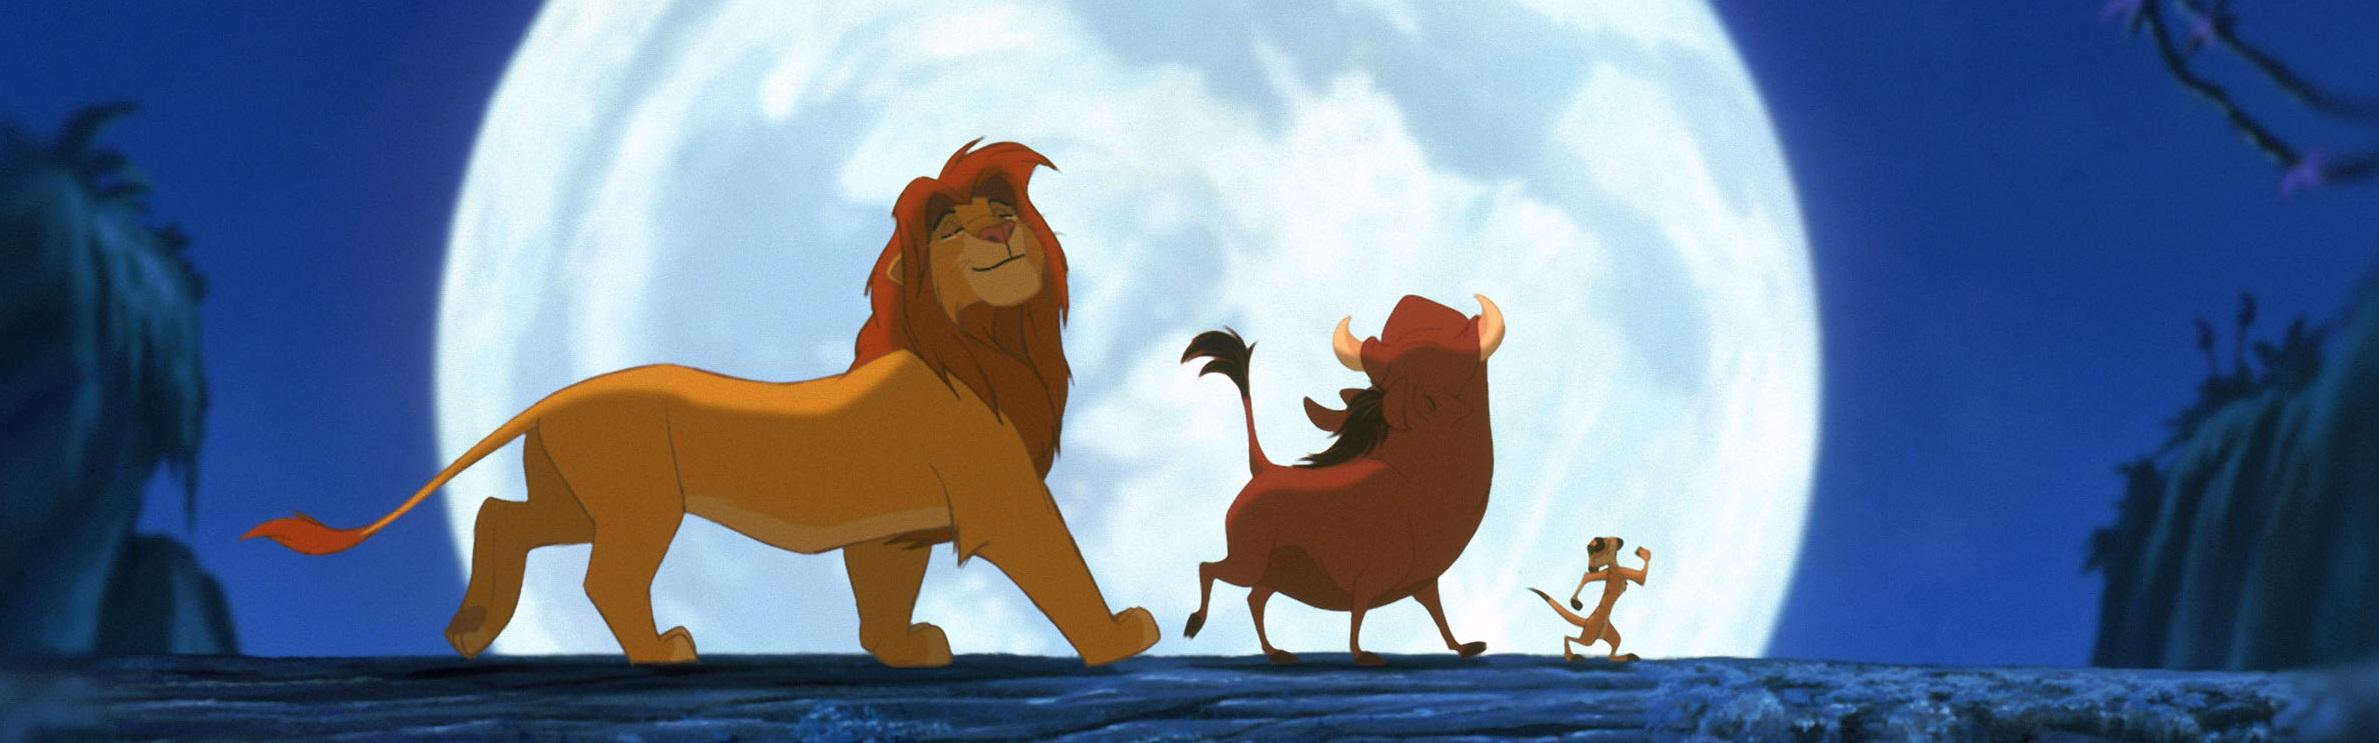 Cùng trở về tuổi thơ với những người bạn động vật hoạt hình đáng yêu 0